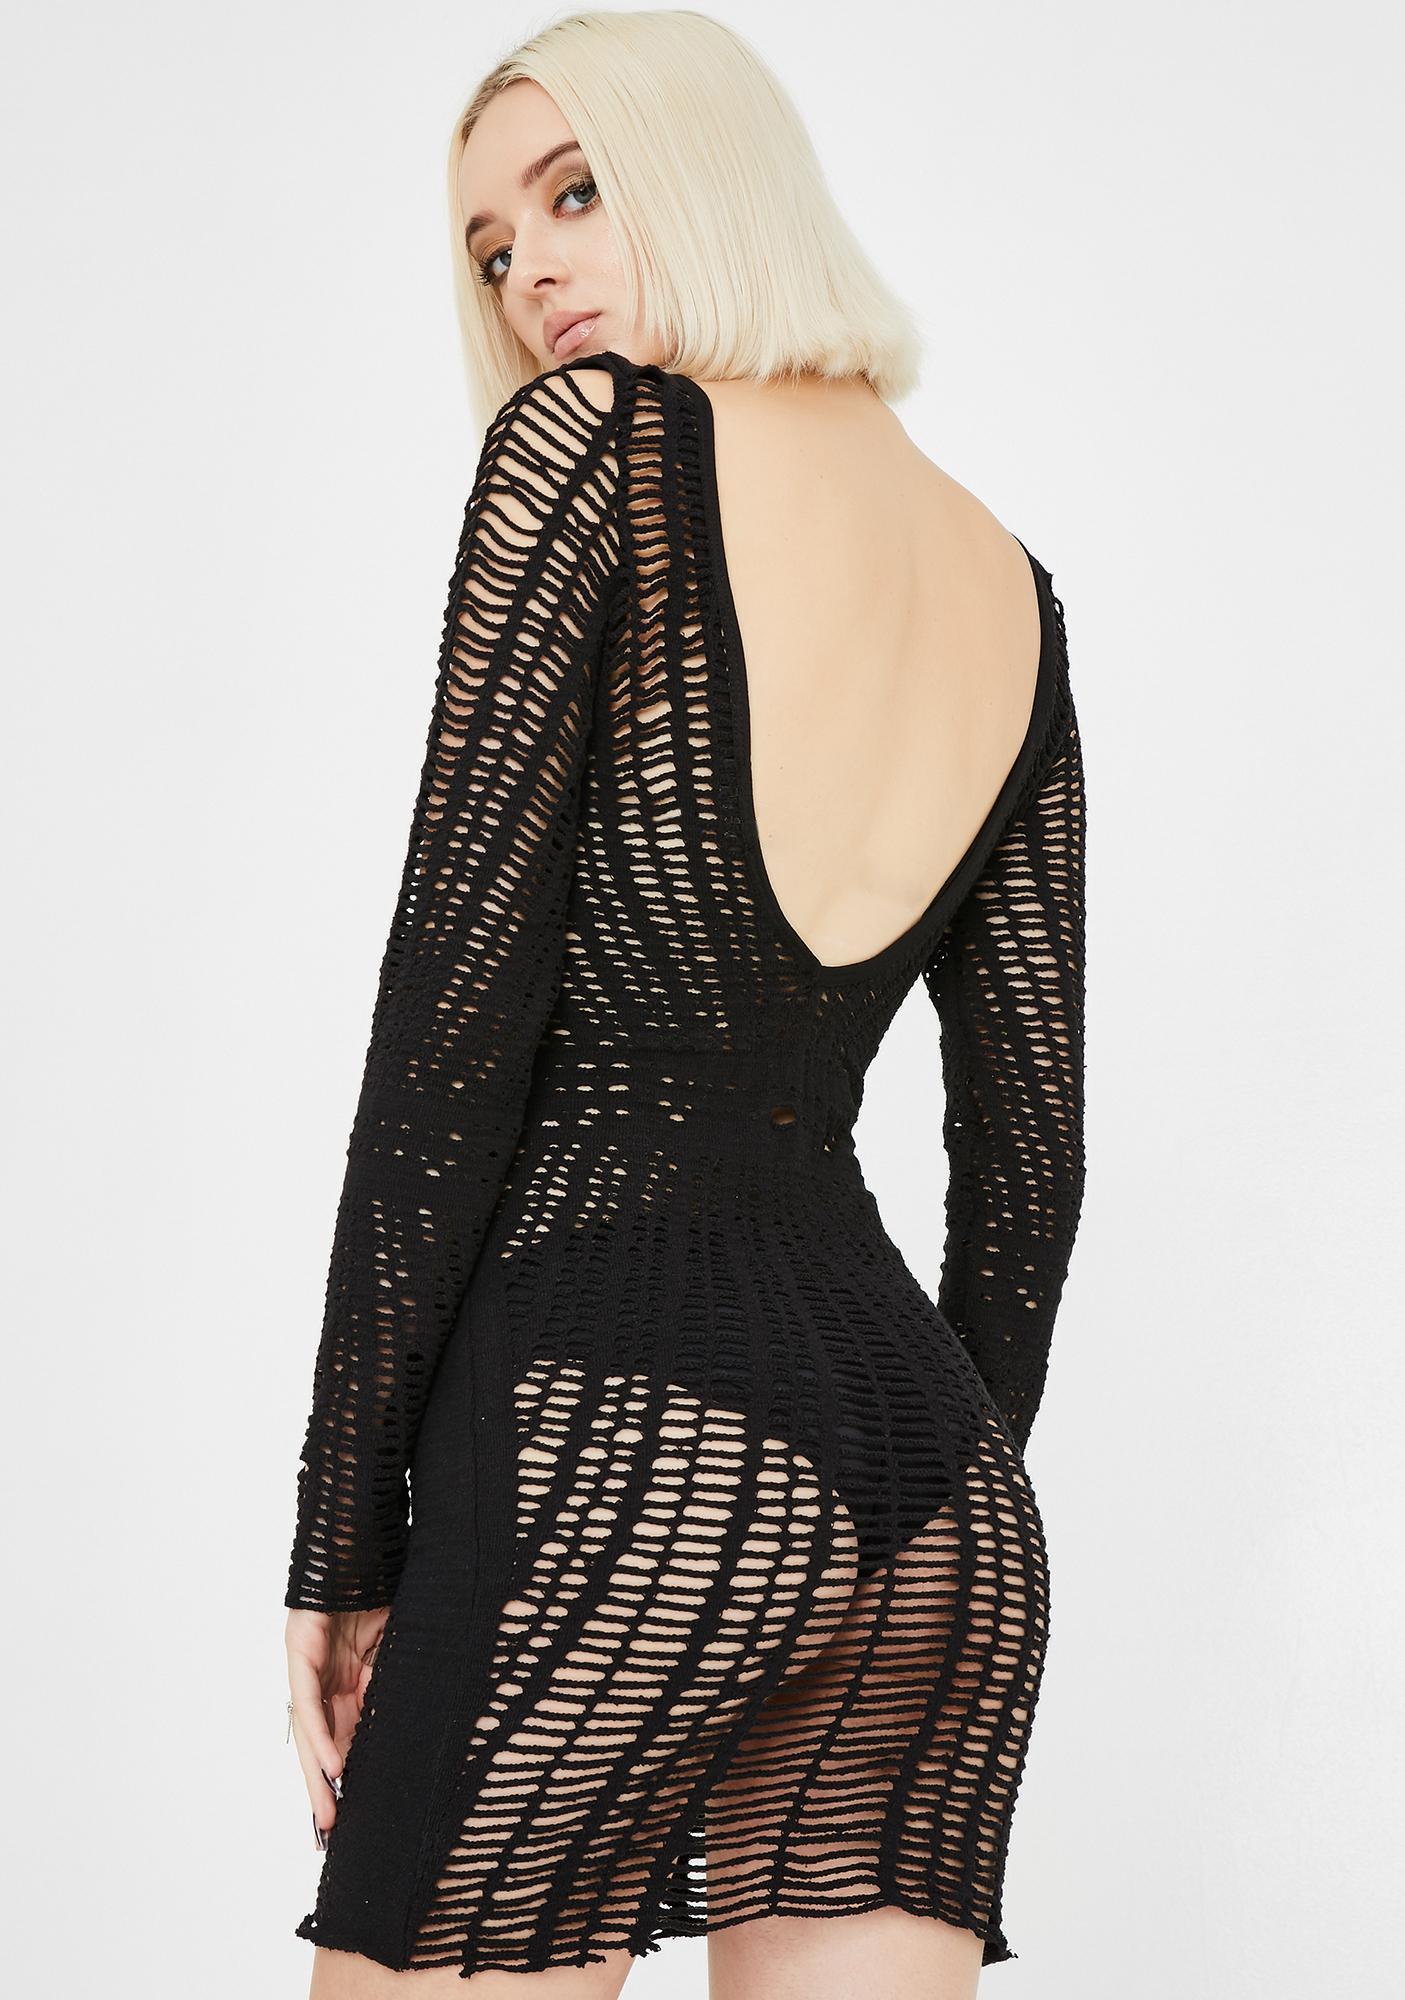 Kiki Riki Risque Rampage Mesh Dress